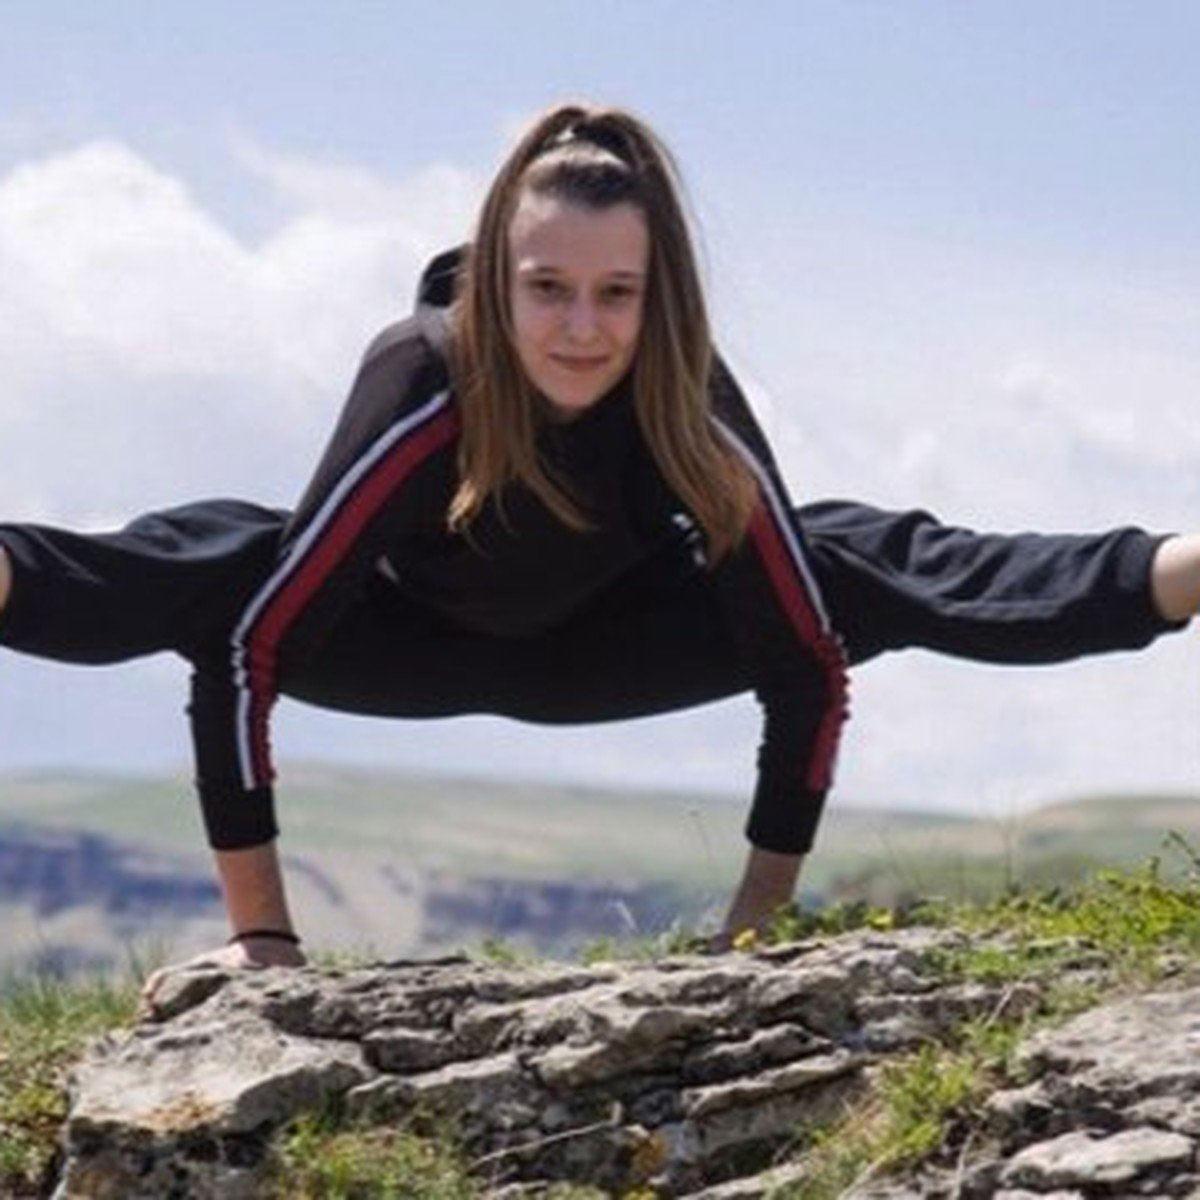 Tanınmış gimnast yarışda ciddi zədə alıb - VİDEO